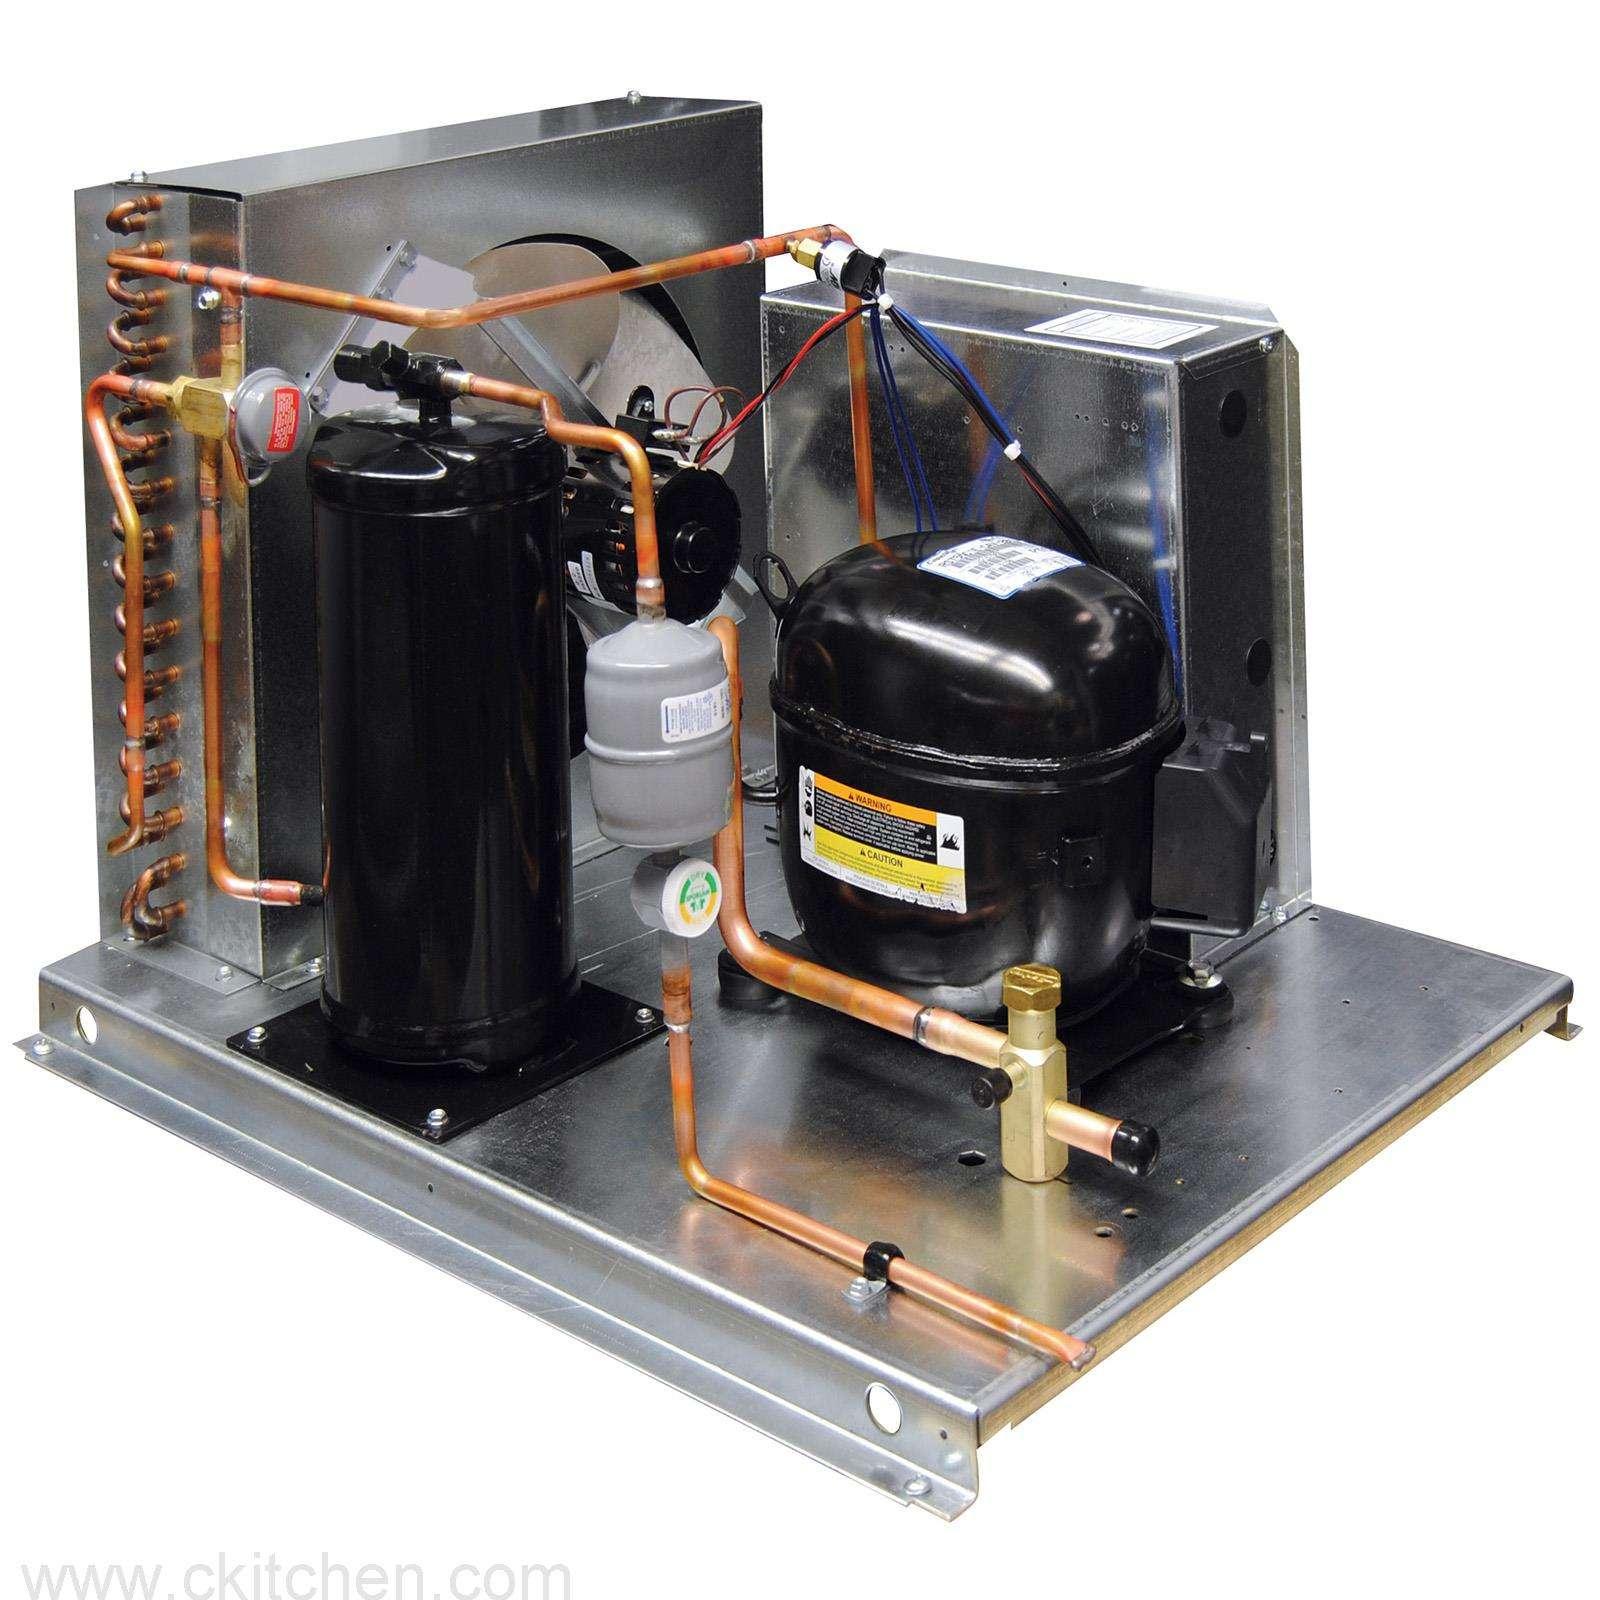 Bilt MCLZ0081B Low Temp Condensing Unit Master Bilt CKitchen.com #9D602E